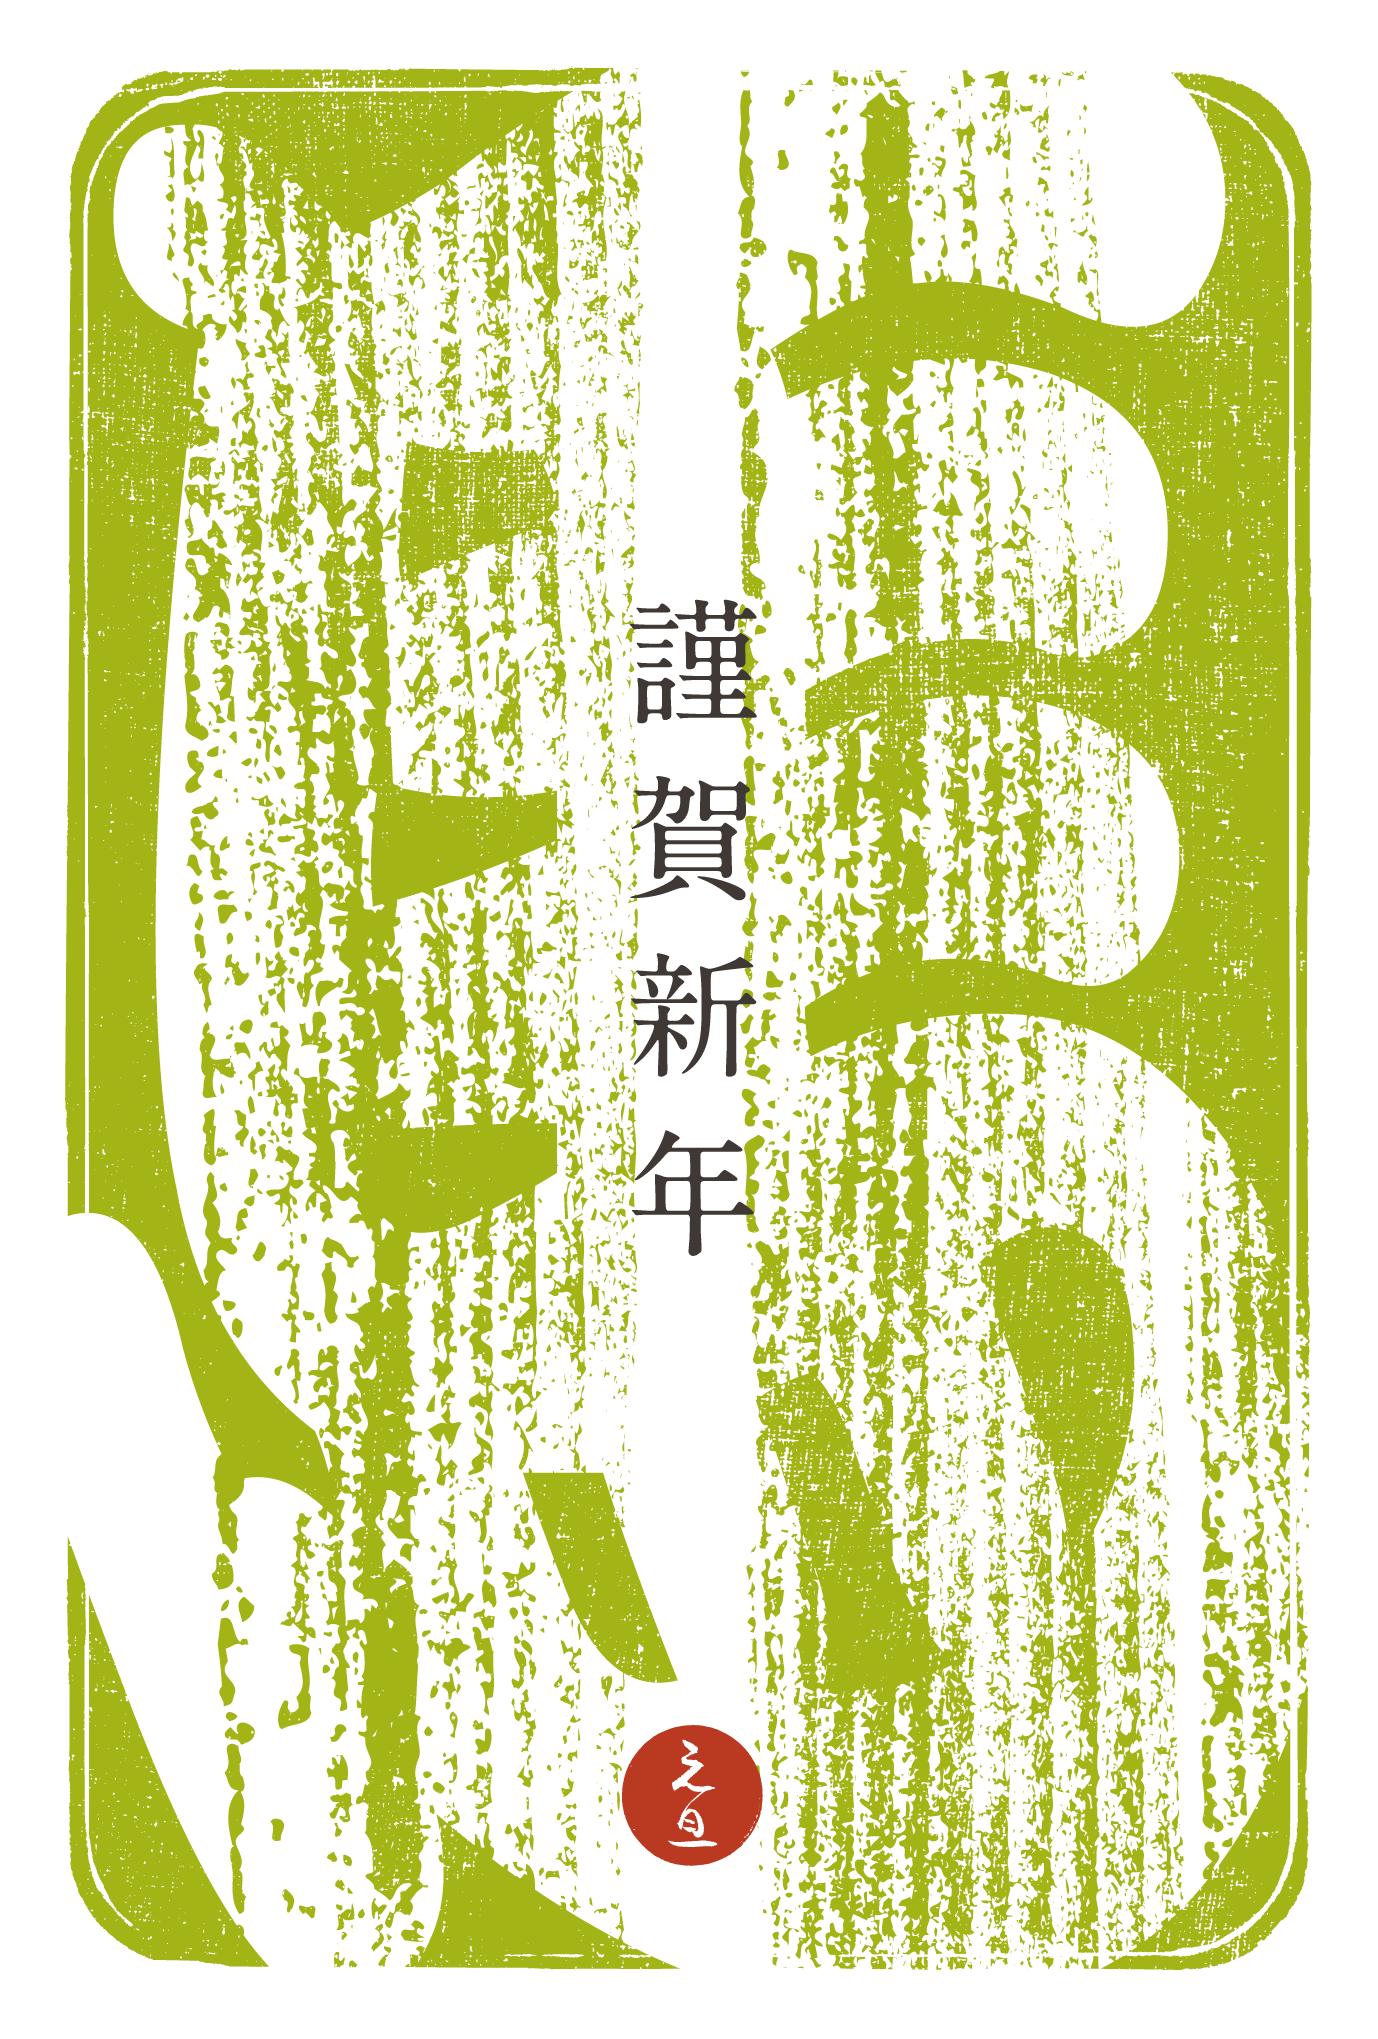 2014年賀状04-4:江戸勘亭流(馬)若草色のダウンロード画像